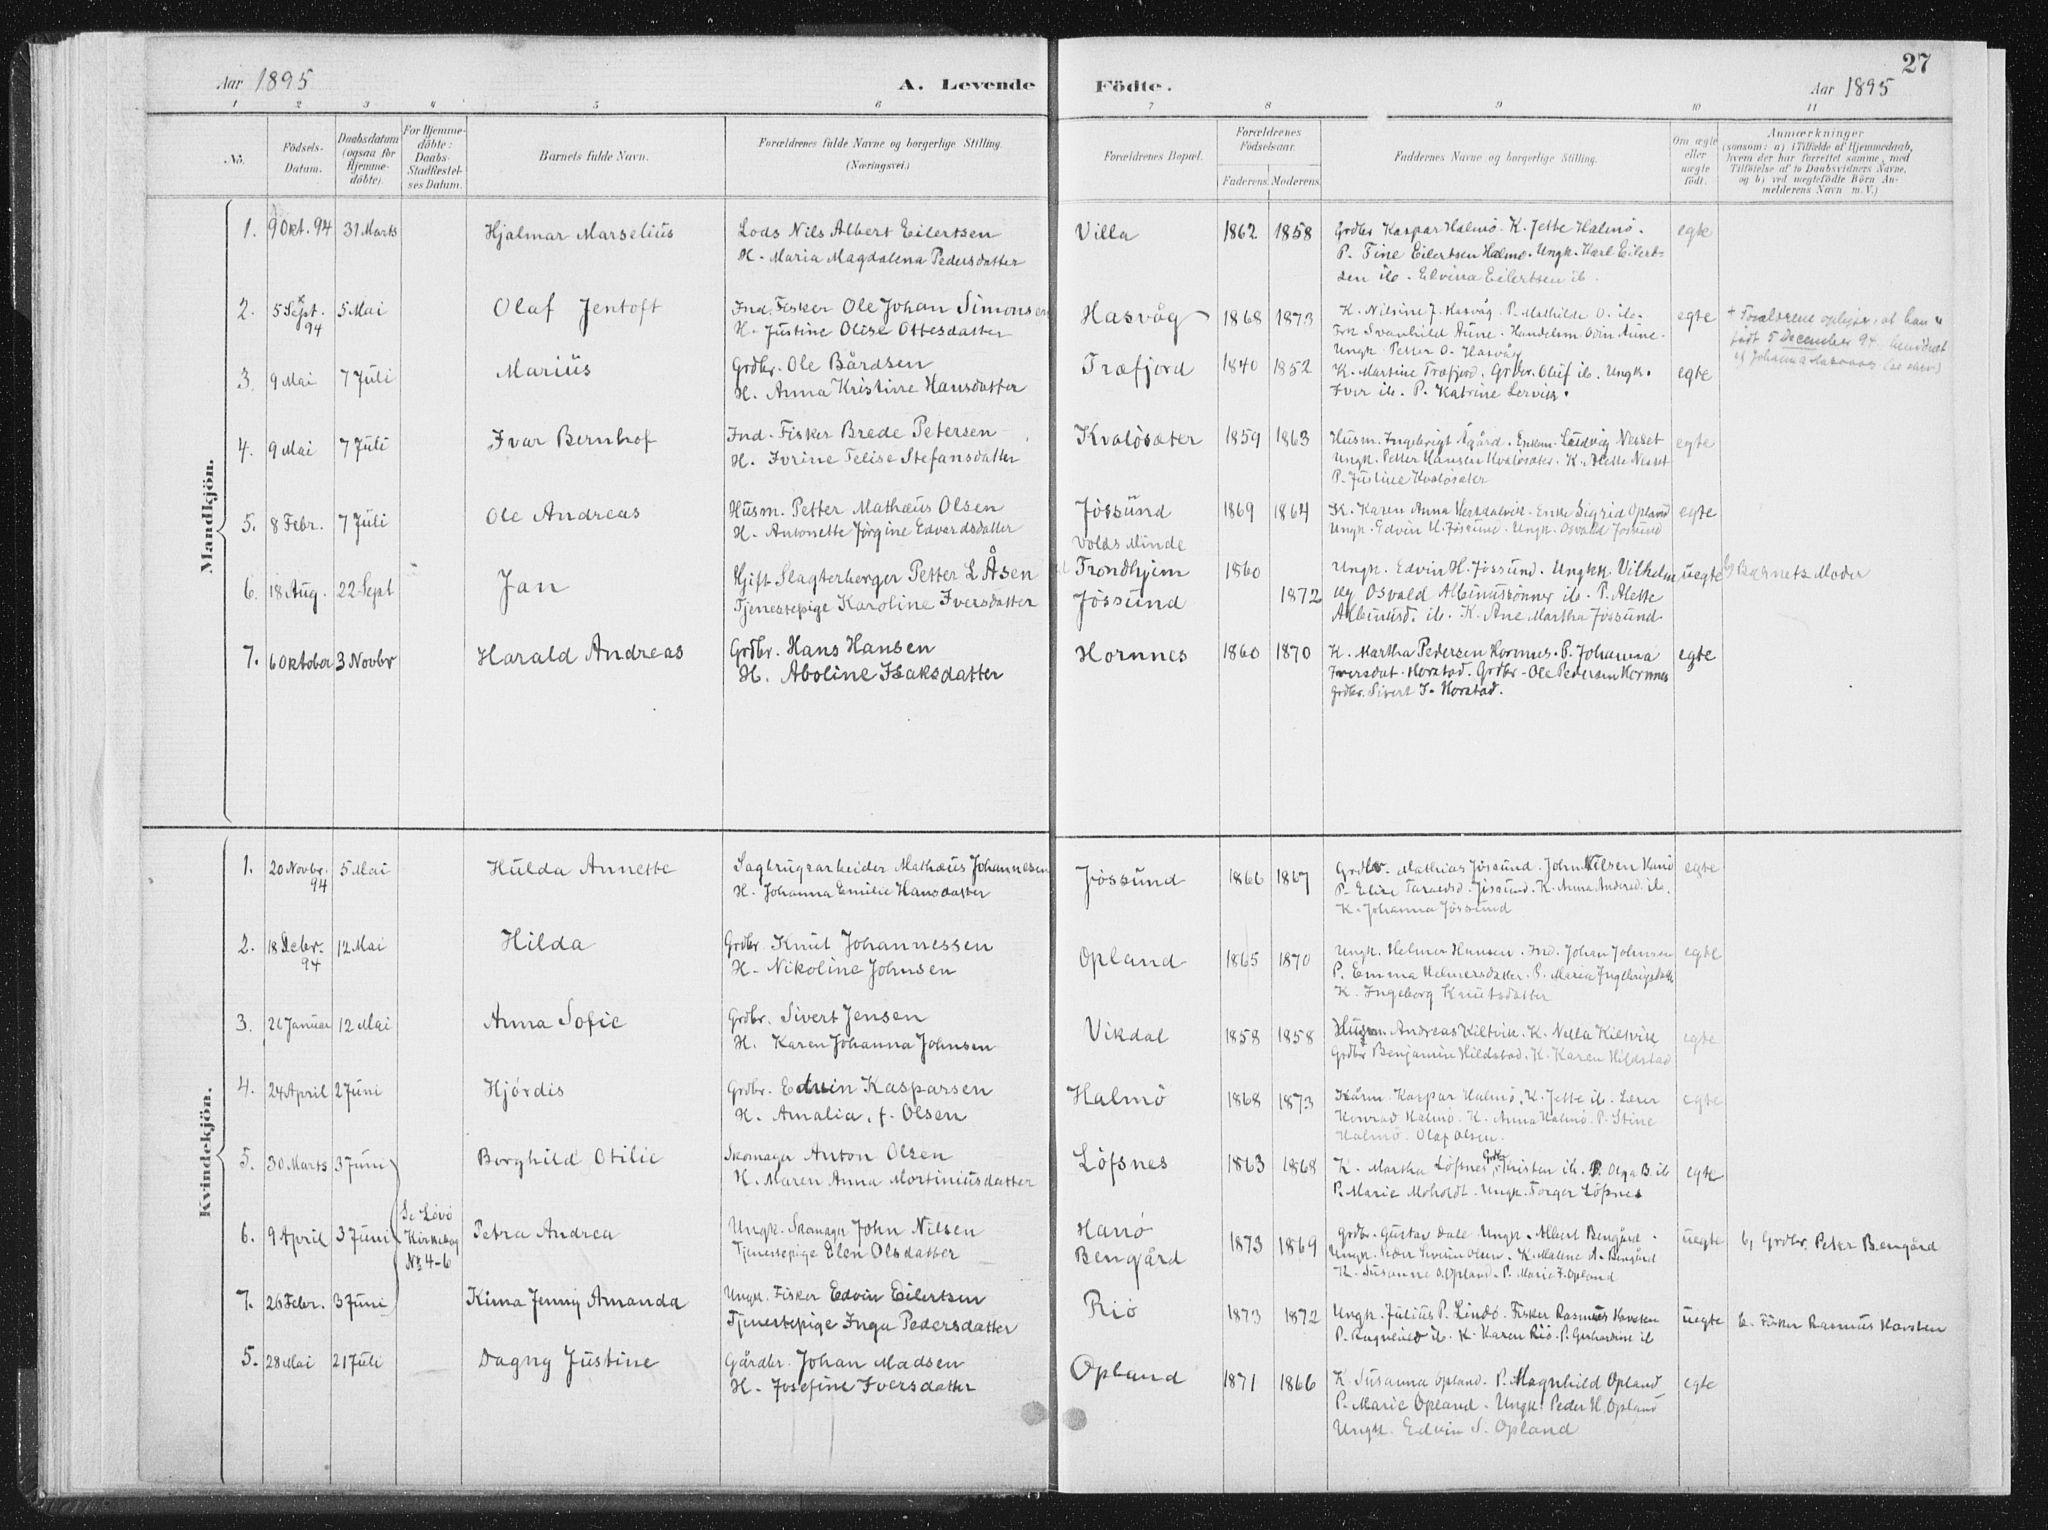 SAT, Ministerialprotokoller, klokkerbøker og fødselsregistre - Nord-Trøndelag, 771/L0597: Ministerialbok nr. 771A04, 1885-1910, s. 27